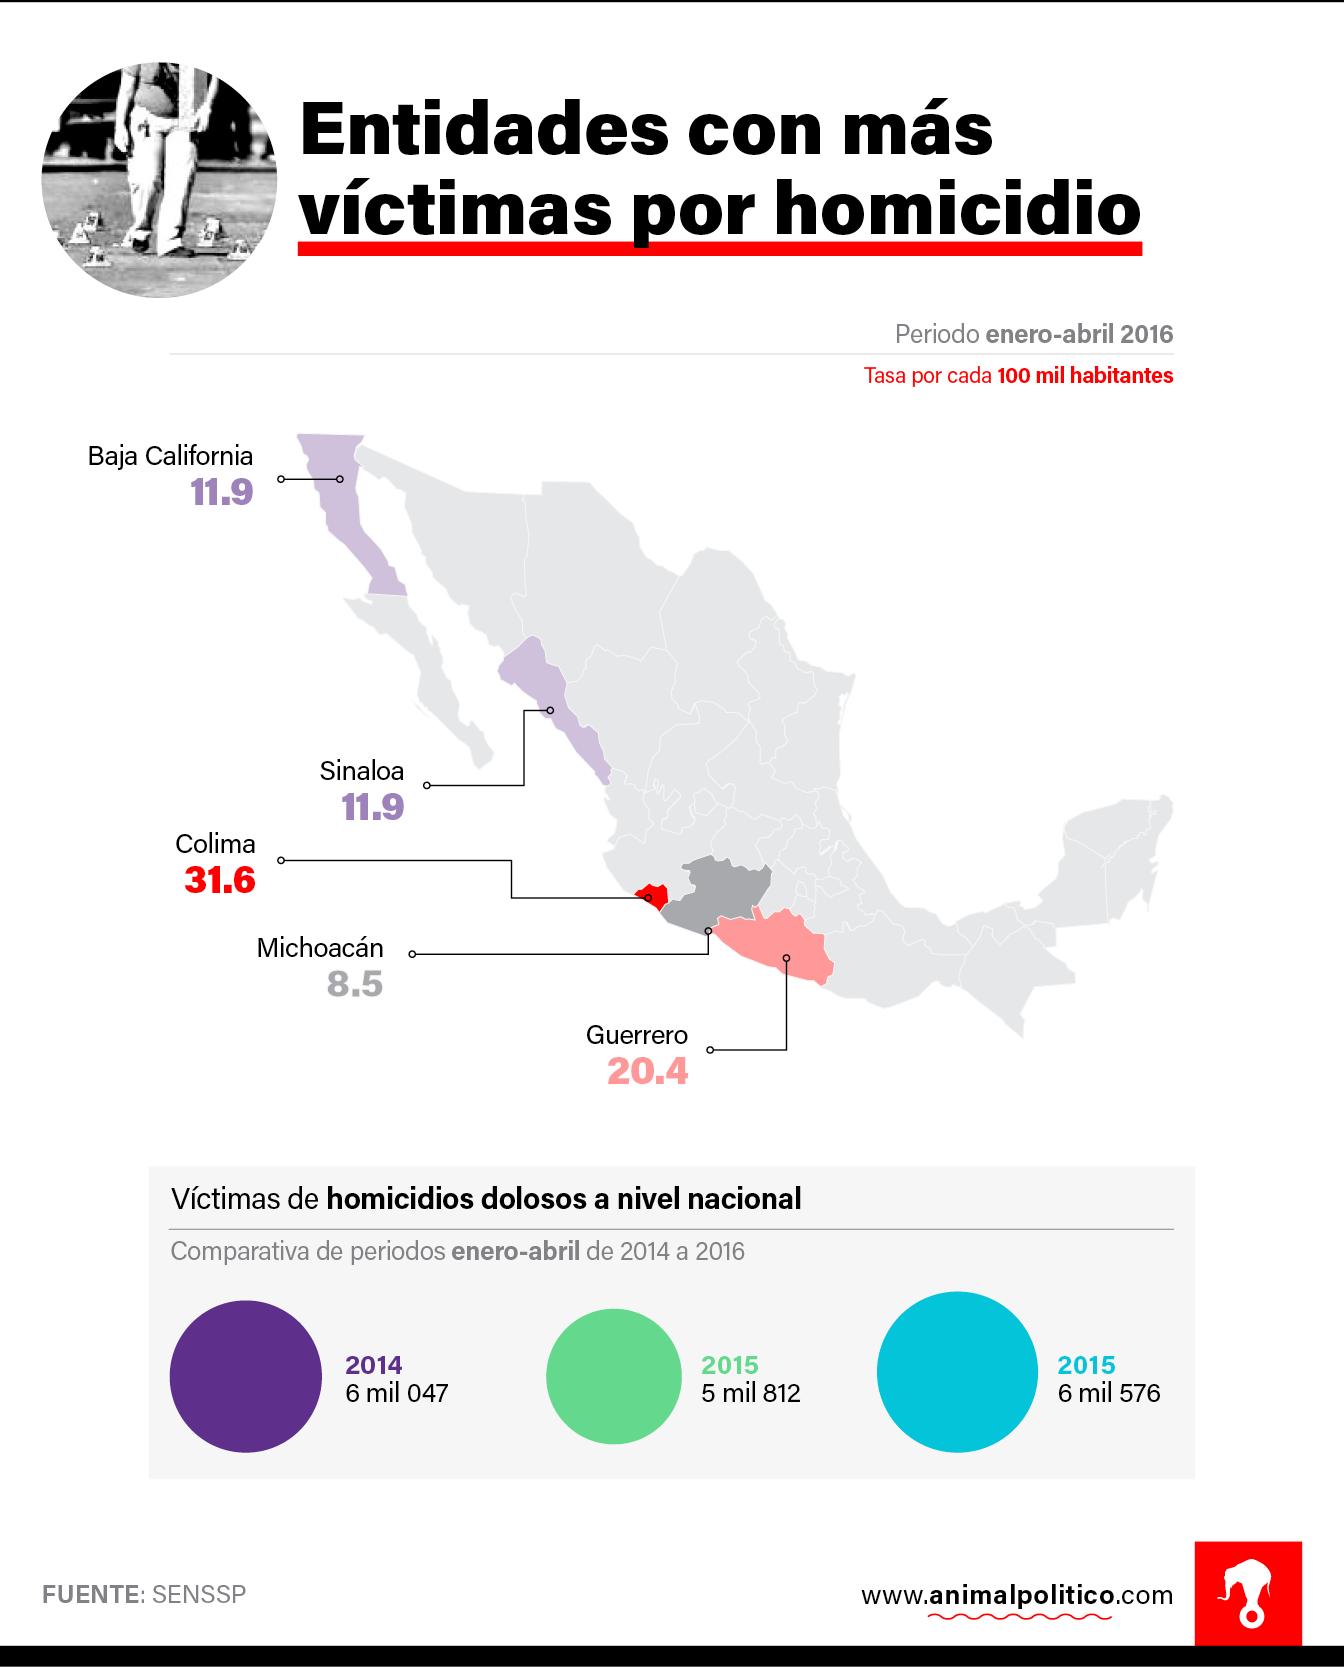 Colima, con 206 casos en cuatro meses y apenas 650 mil habitantes, es la entidad con mayor número de víctimas: 31.6 por cada 100 mil habitantes.